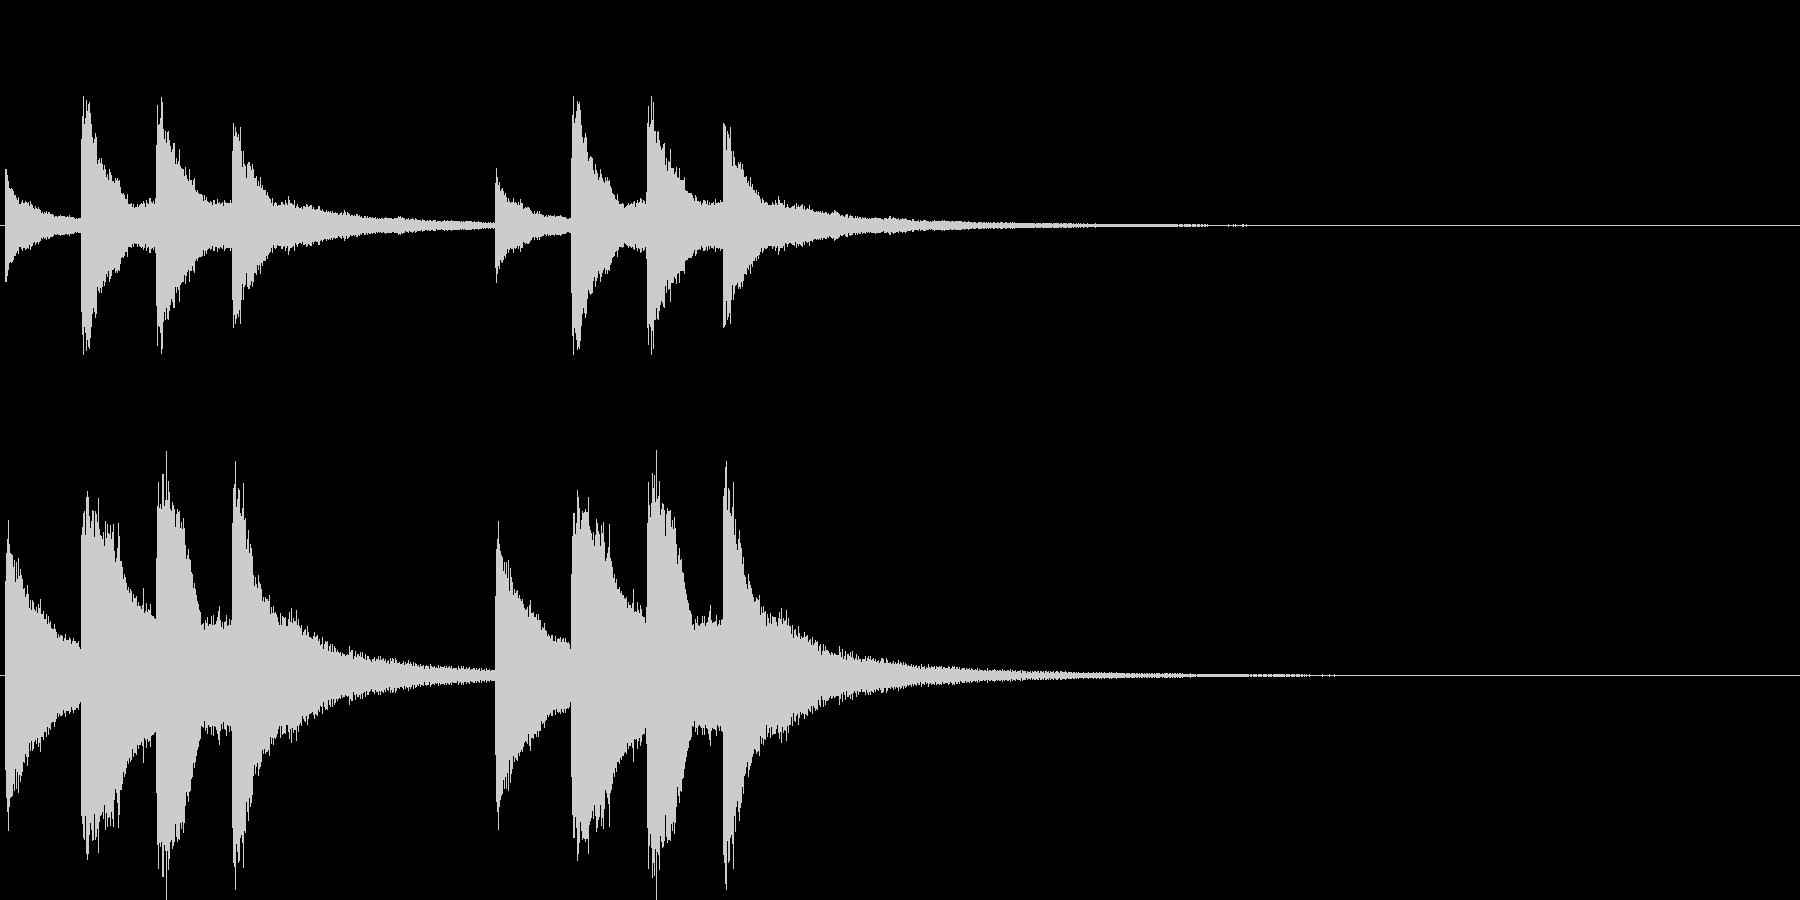 オーソドックスなチャイム音。学校など。の未再生の波形